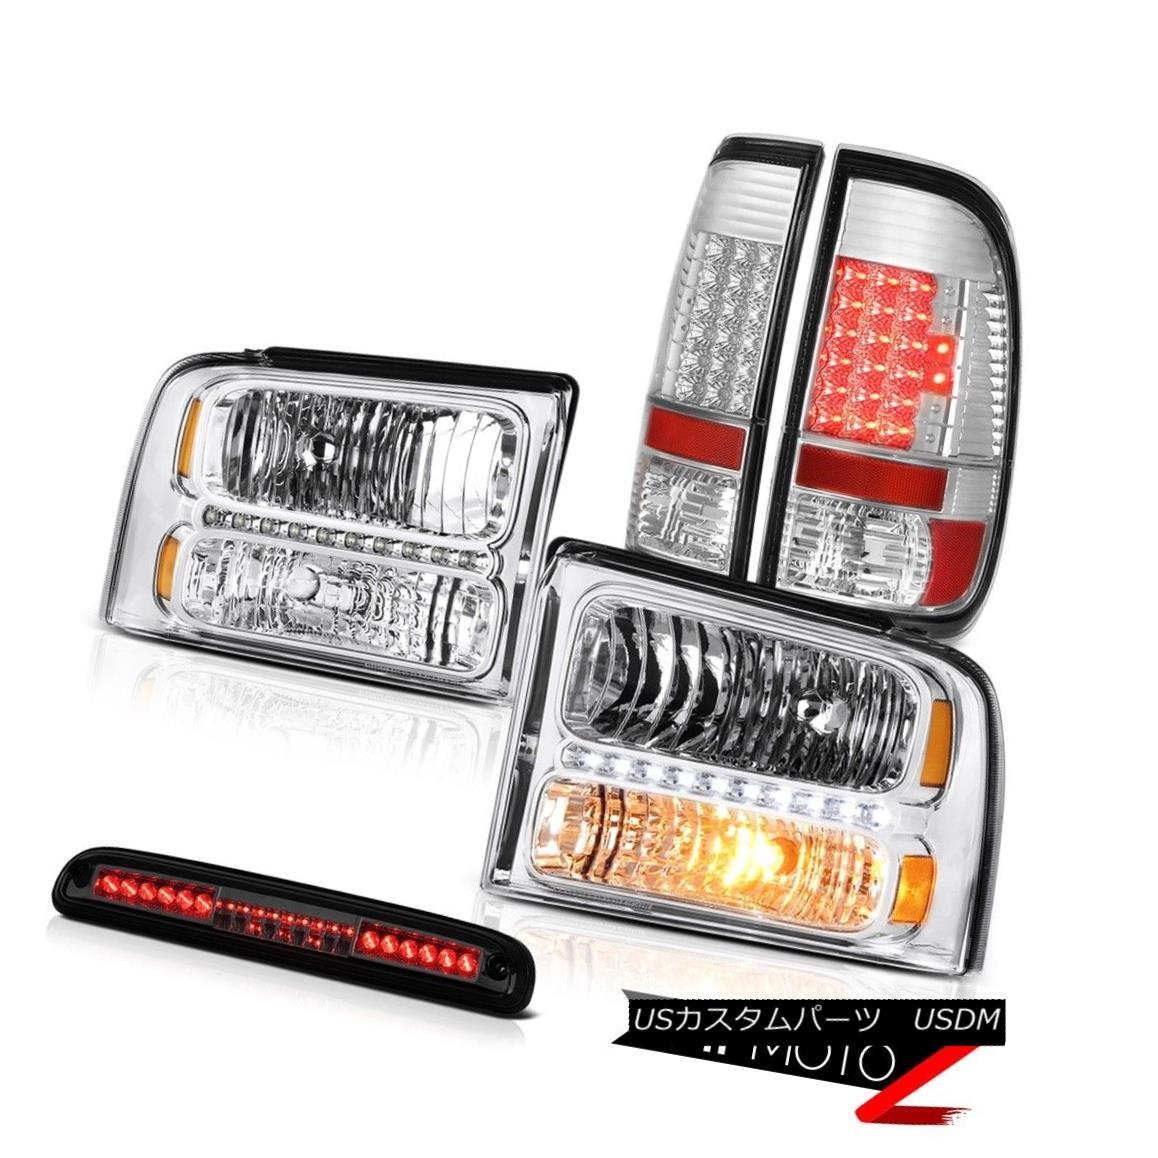 ヘッドライト 05 06 07 F250 6.0L Factory Style Headlights Brake Taillight Roof Stop LED Smoke 05 06 07 F250 6.0L工場スタイルヘッドライトブレーキテールライトルーフストップLEDスモーク